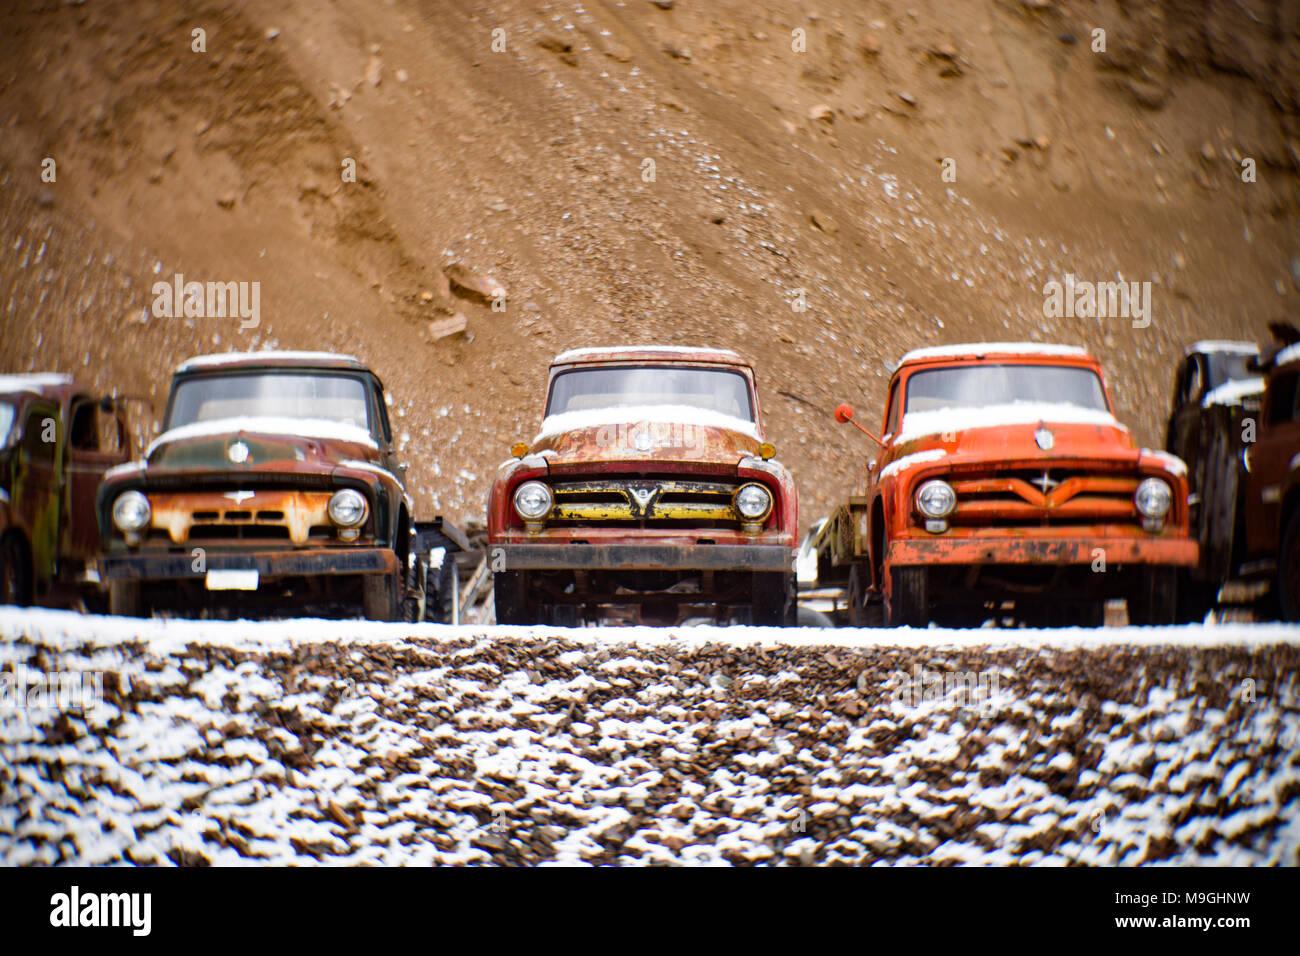 Eine Reihe von alten Ford 1953, 1954 und 1955 Pickup Trucks, in einem alten Steinbruch, östlich von Clark Gabel Idaho. Stockbild